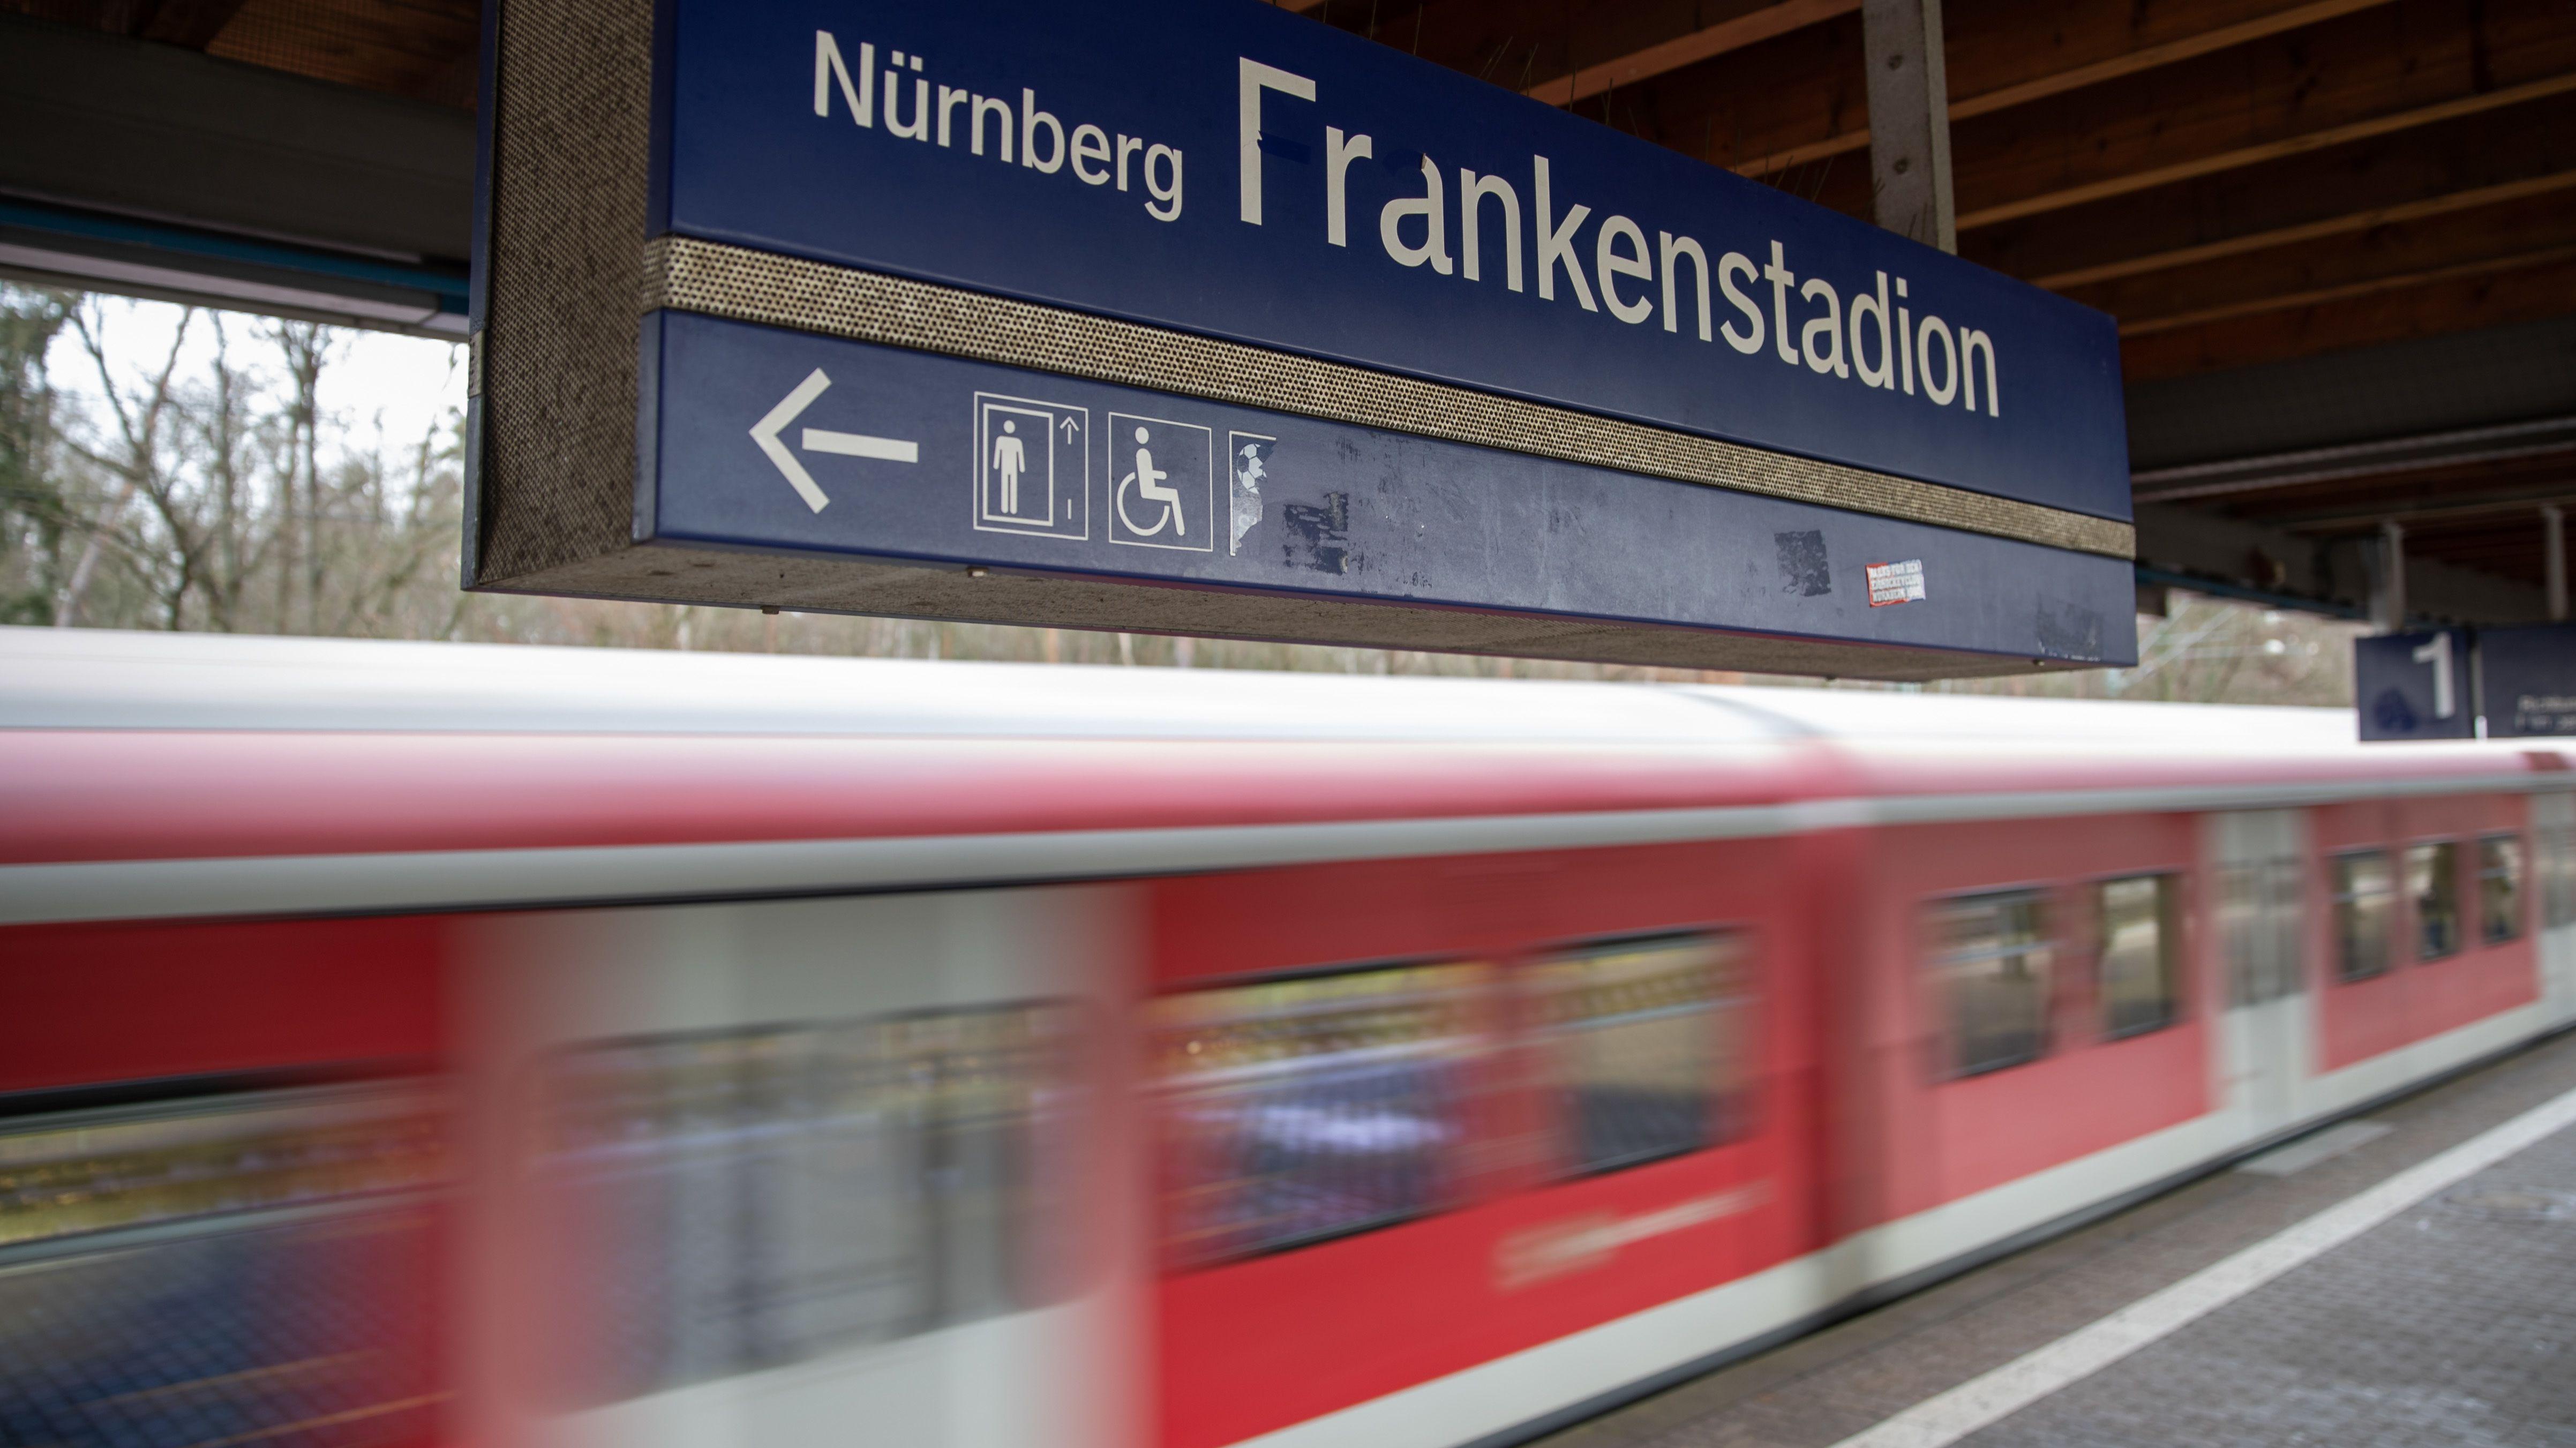 S-Bahn-Haltestelle Frankenstadion in Nürnberg